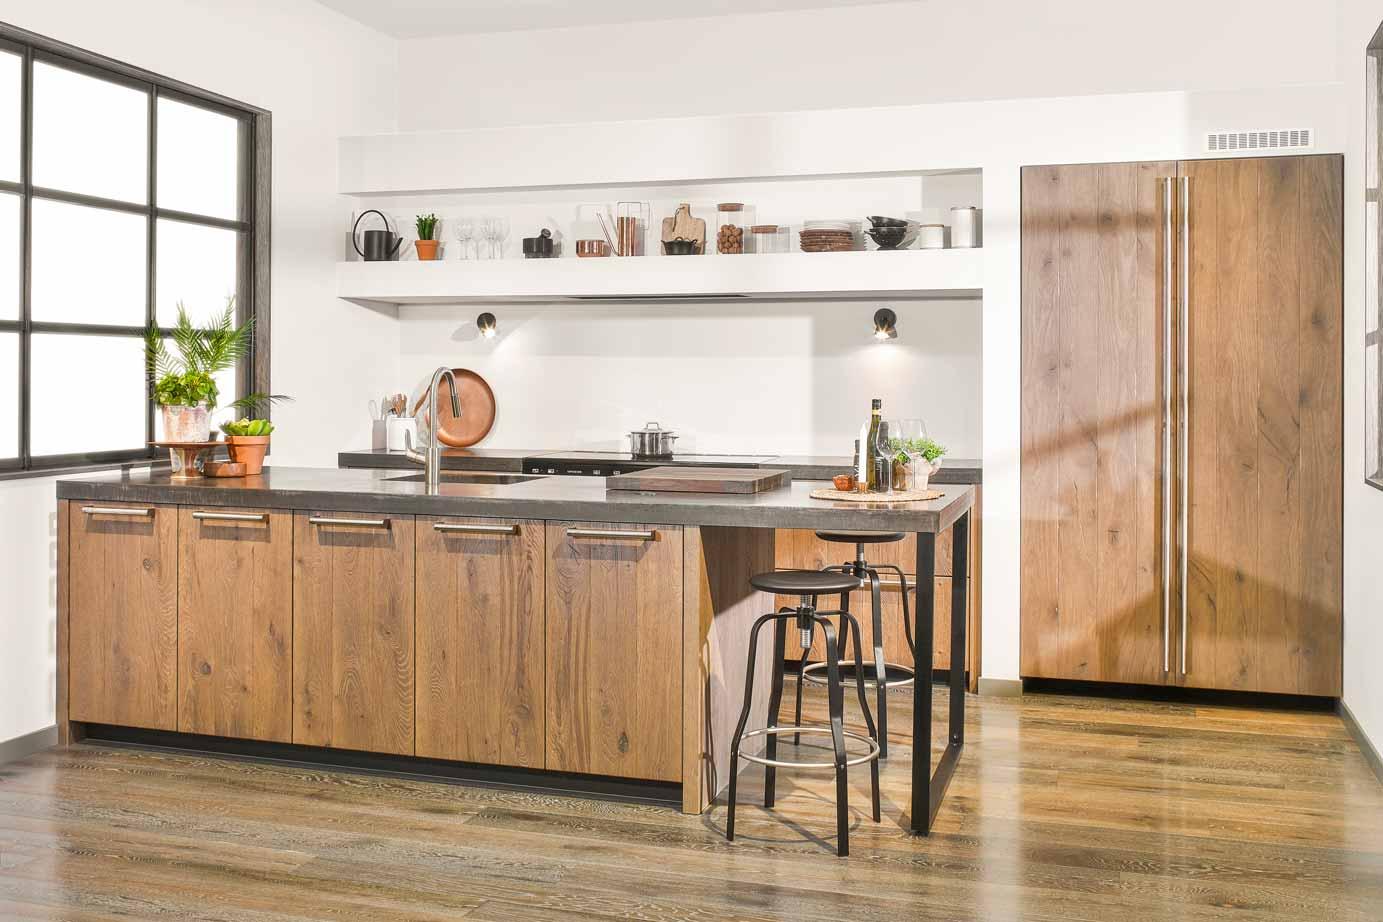 Keuken Van Hout : Keuken wit met hout